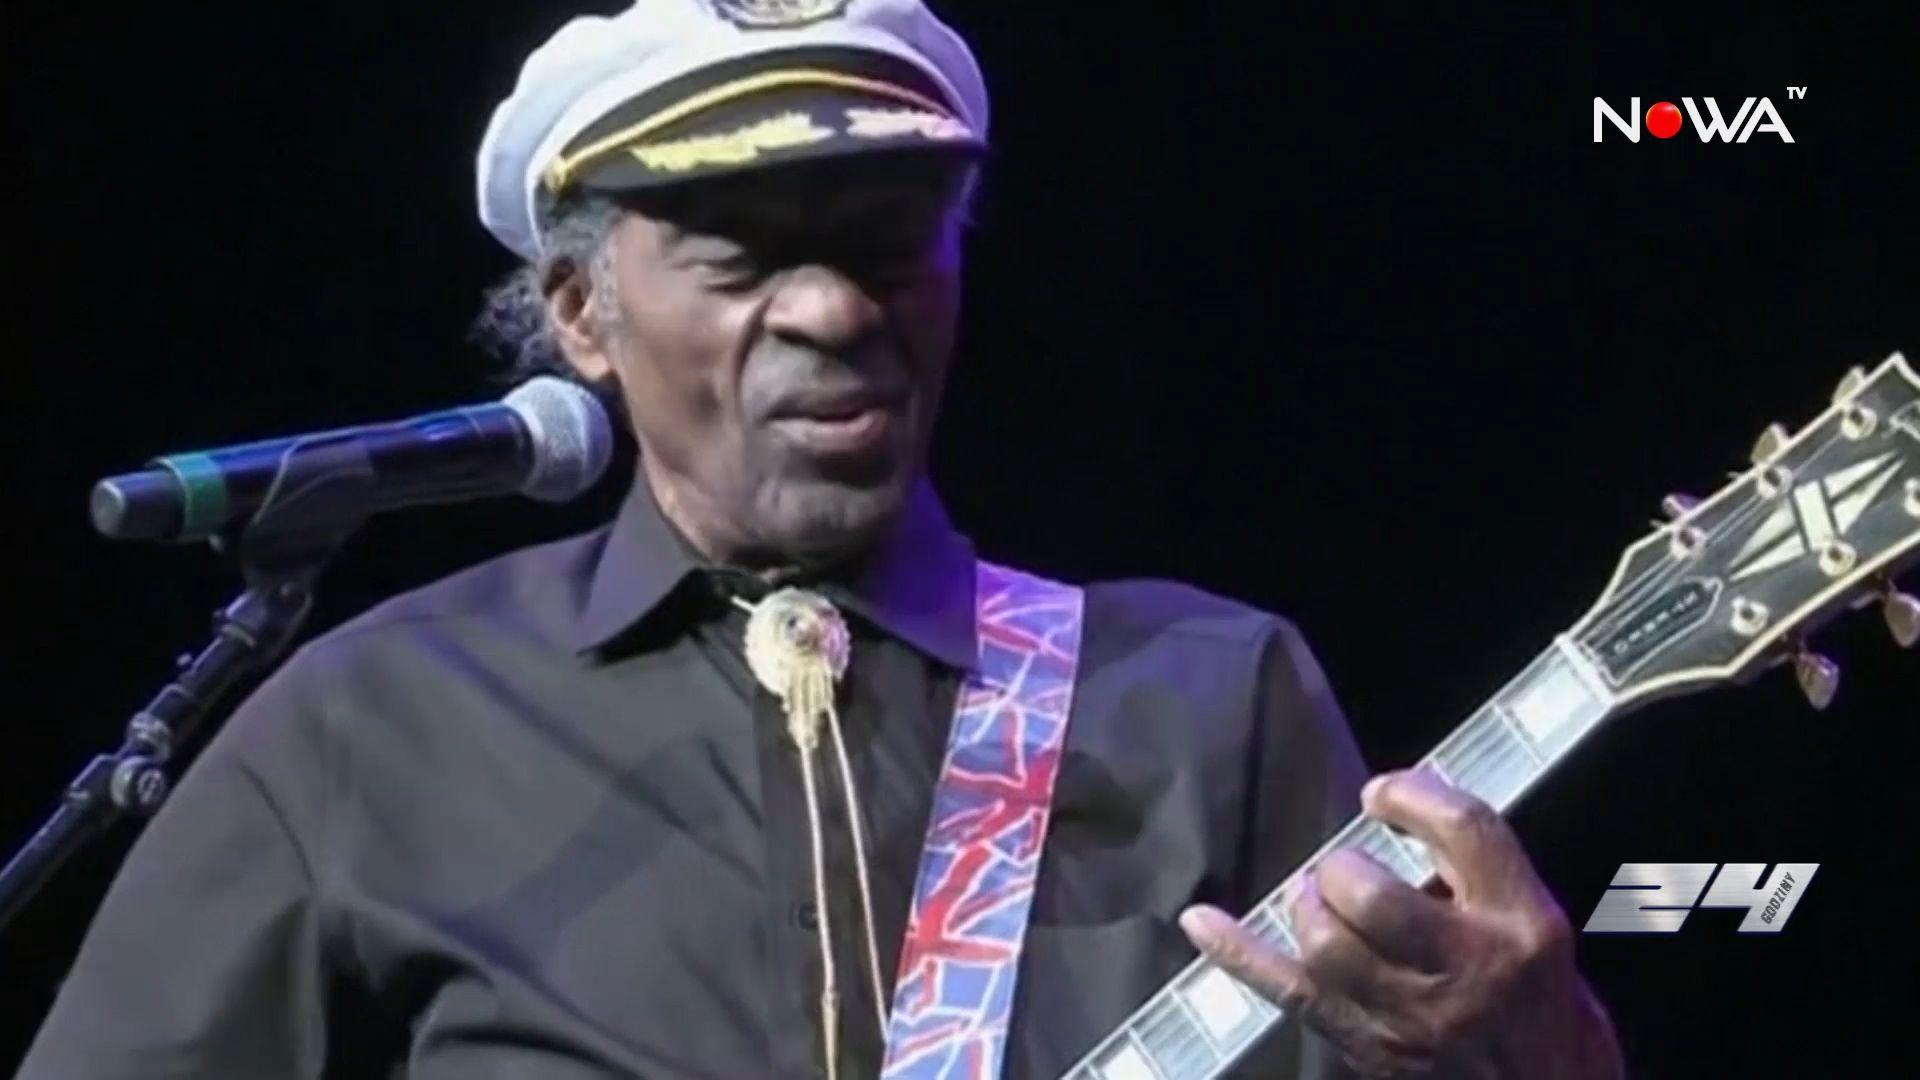 Nie żyje Chuck Berry. Legendarny muzyk miał 90 lat